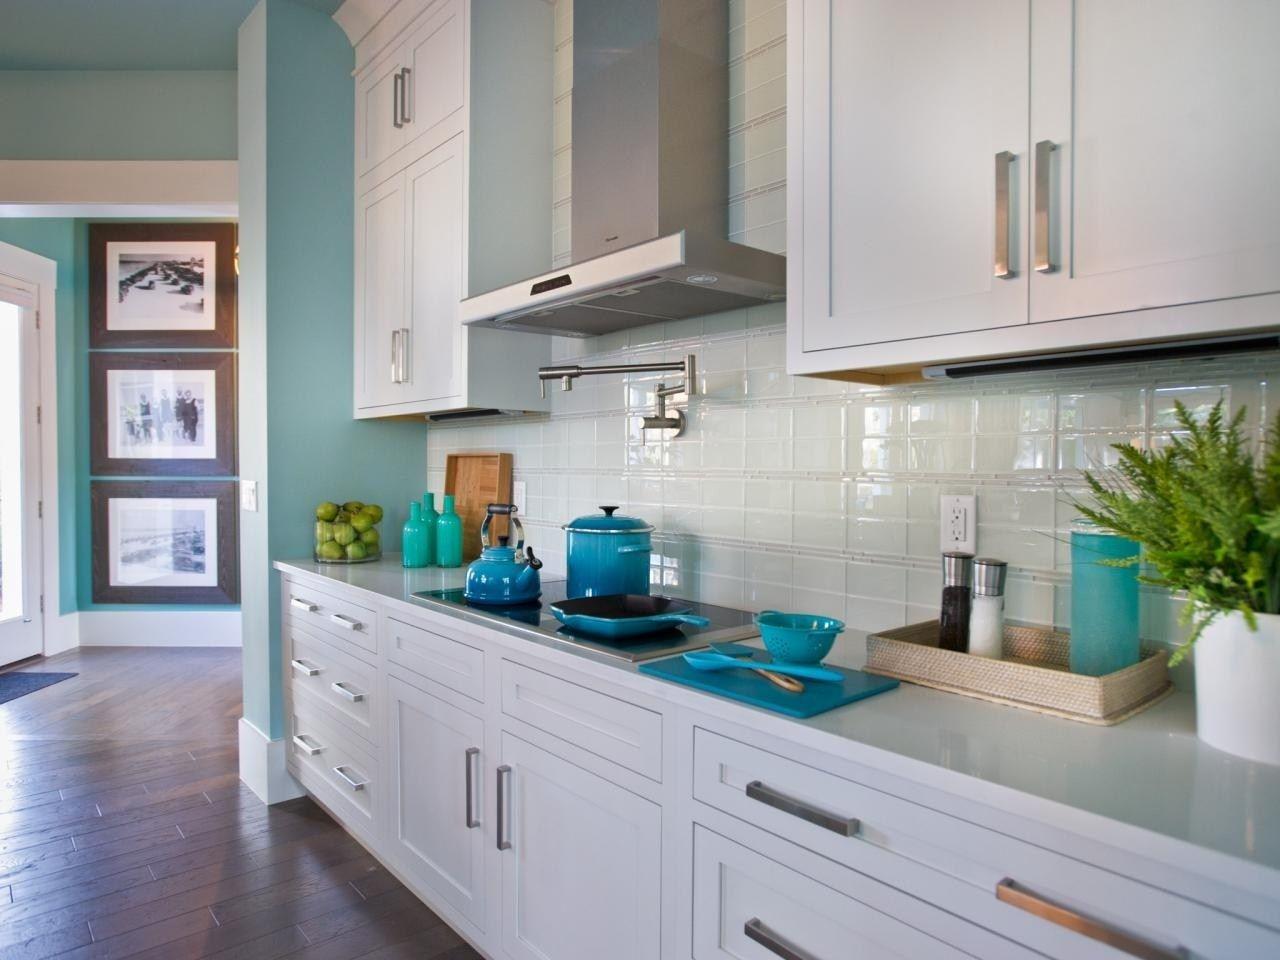 Küchenideen rot und weiß billige küche backsplash fliesen discount backsplash fliesen küche